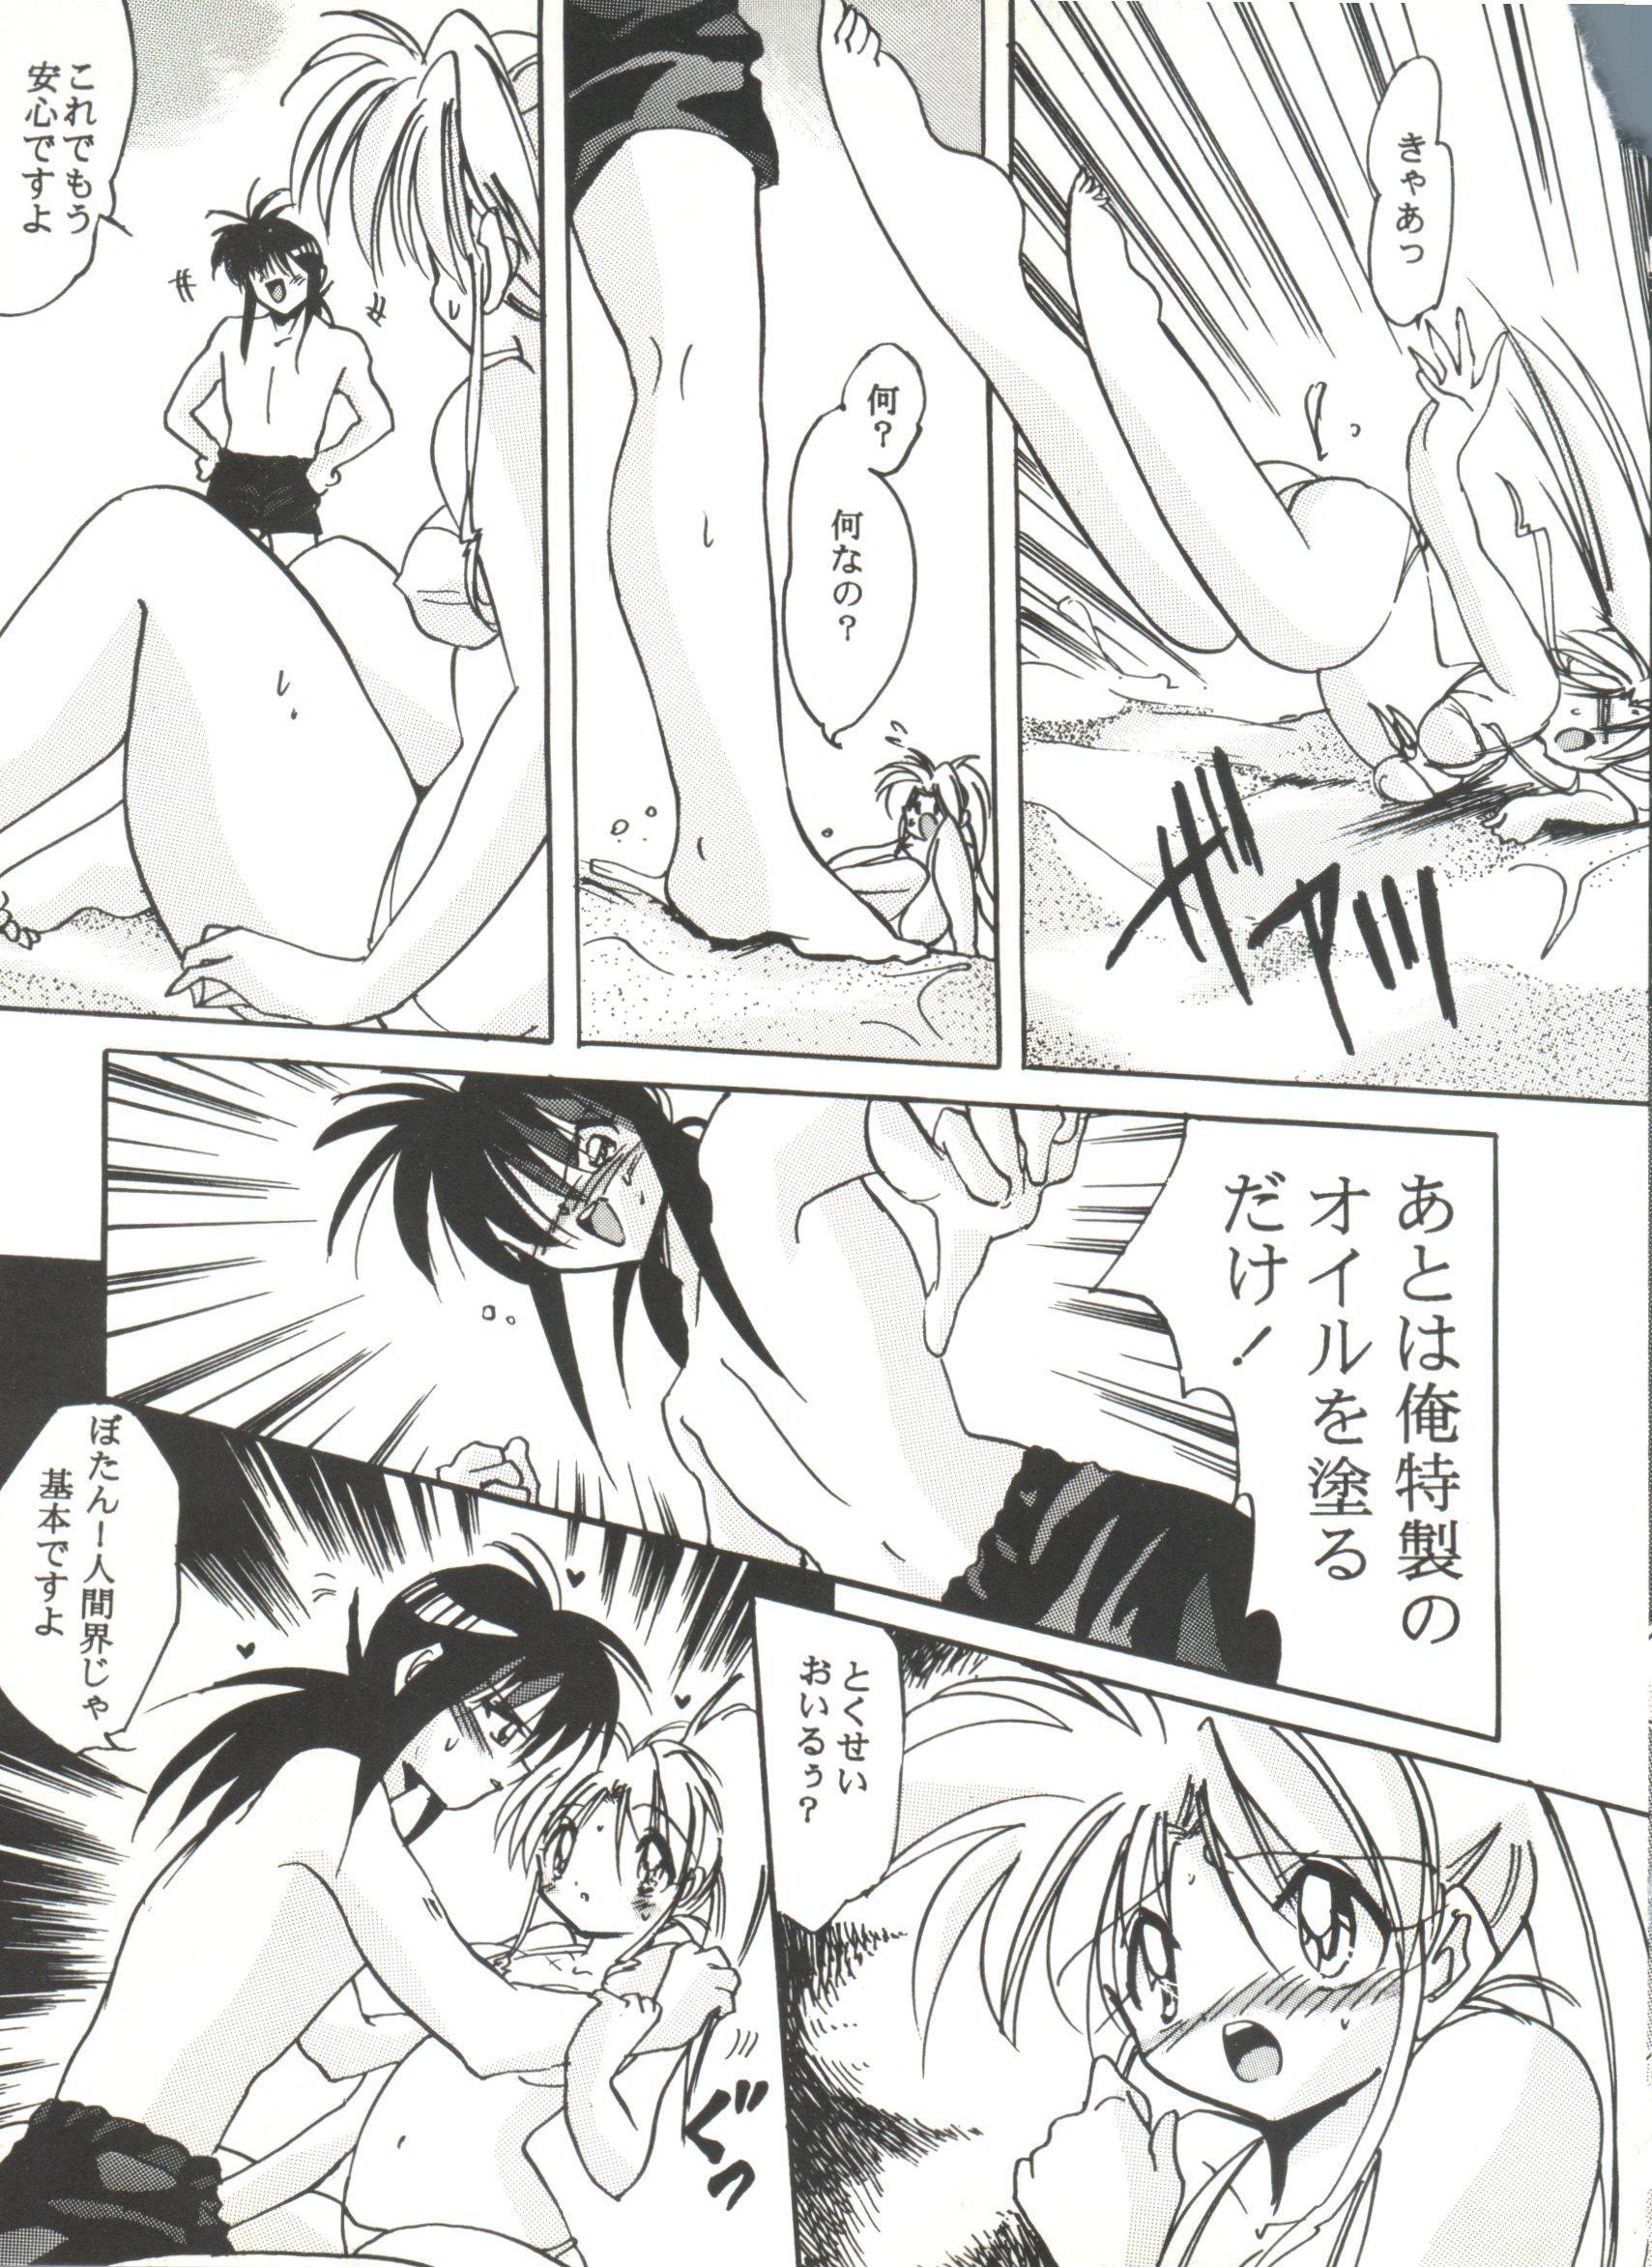 Bishoujo Doujinshi Anthology Cute 4 8